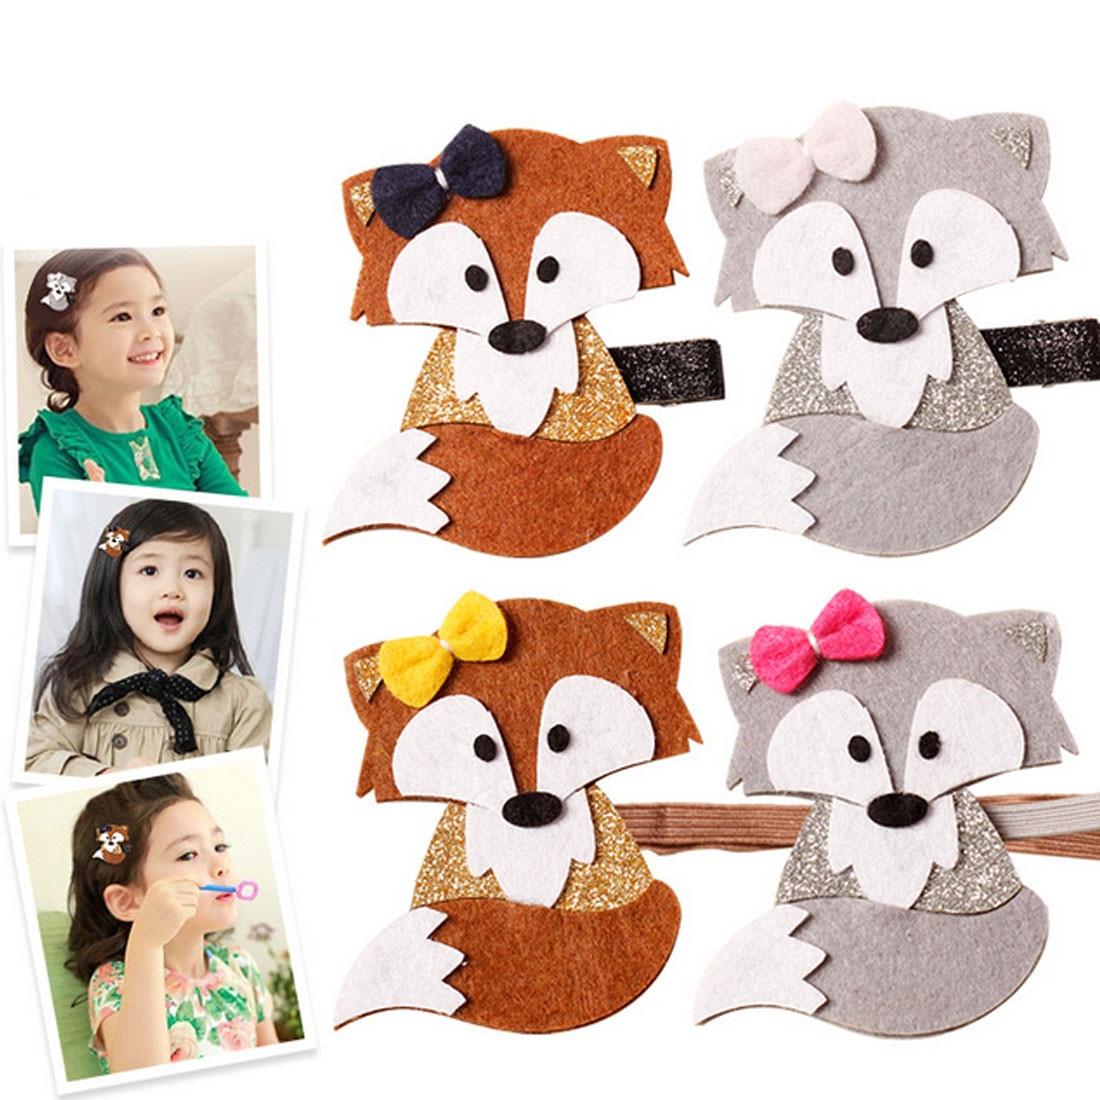 Fashion Newly Design Fashion Cute Cartoon Fox Baby Hairpins Princess Barrette Kids Hair Clips Children Headwear Girls 1 pcs fashion cute dimensional flowers baby hairpins girls hair accessories children headwear princess barrette kids hair clips